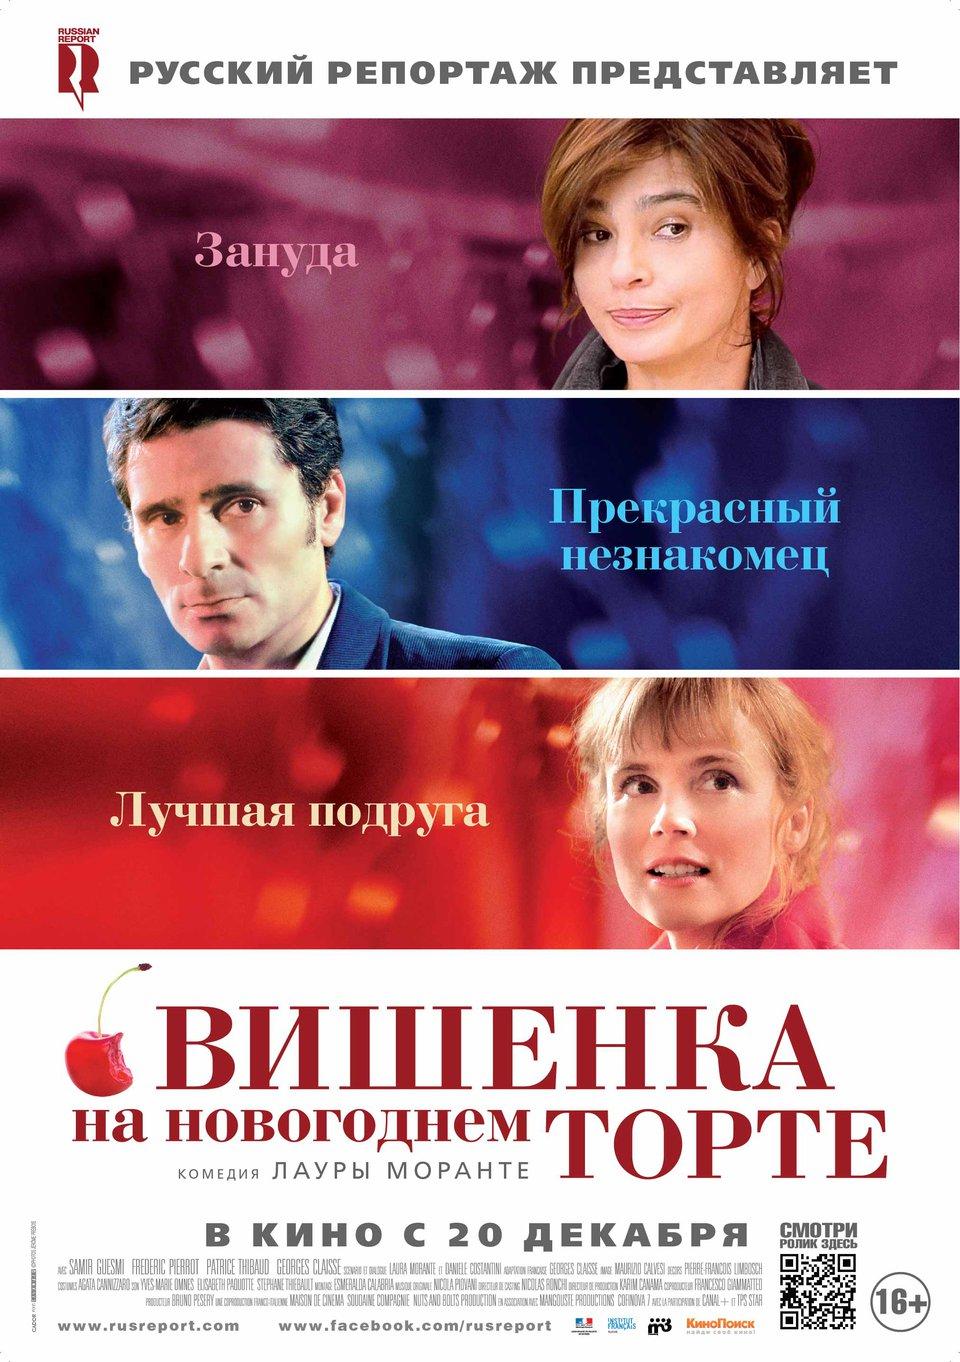 Скачать Фильм Папа-Досвидос В Hd Торрент